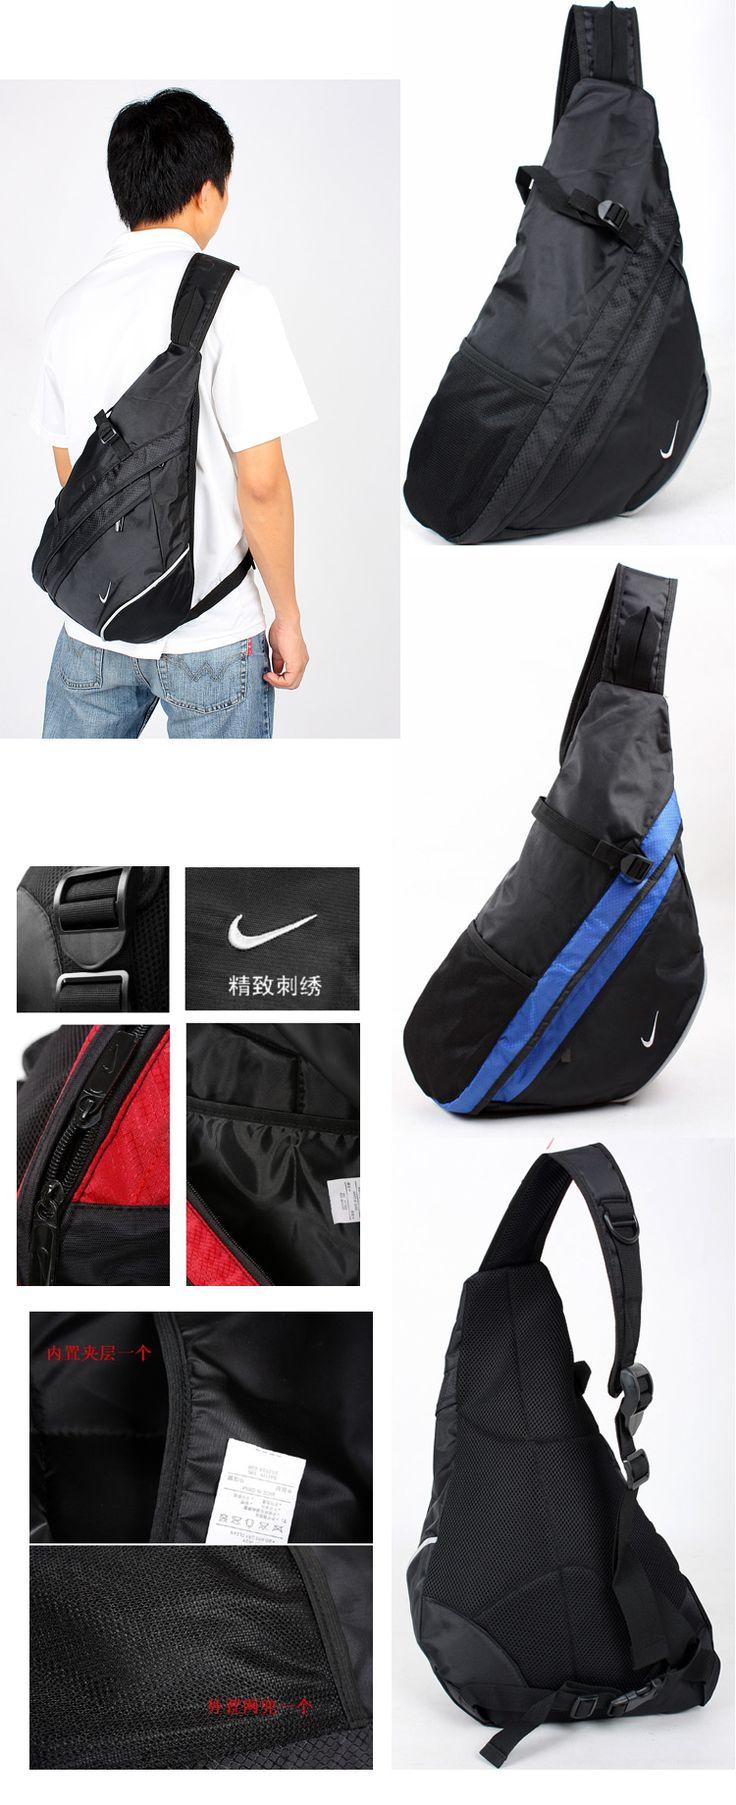 Аутентичные Nike сумка мужчины сумка сумка сумка треугольник косой рюкзак спортивная сумка школьная сумка сумка груди - Taobao